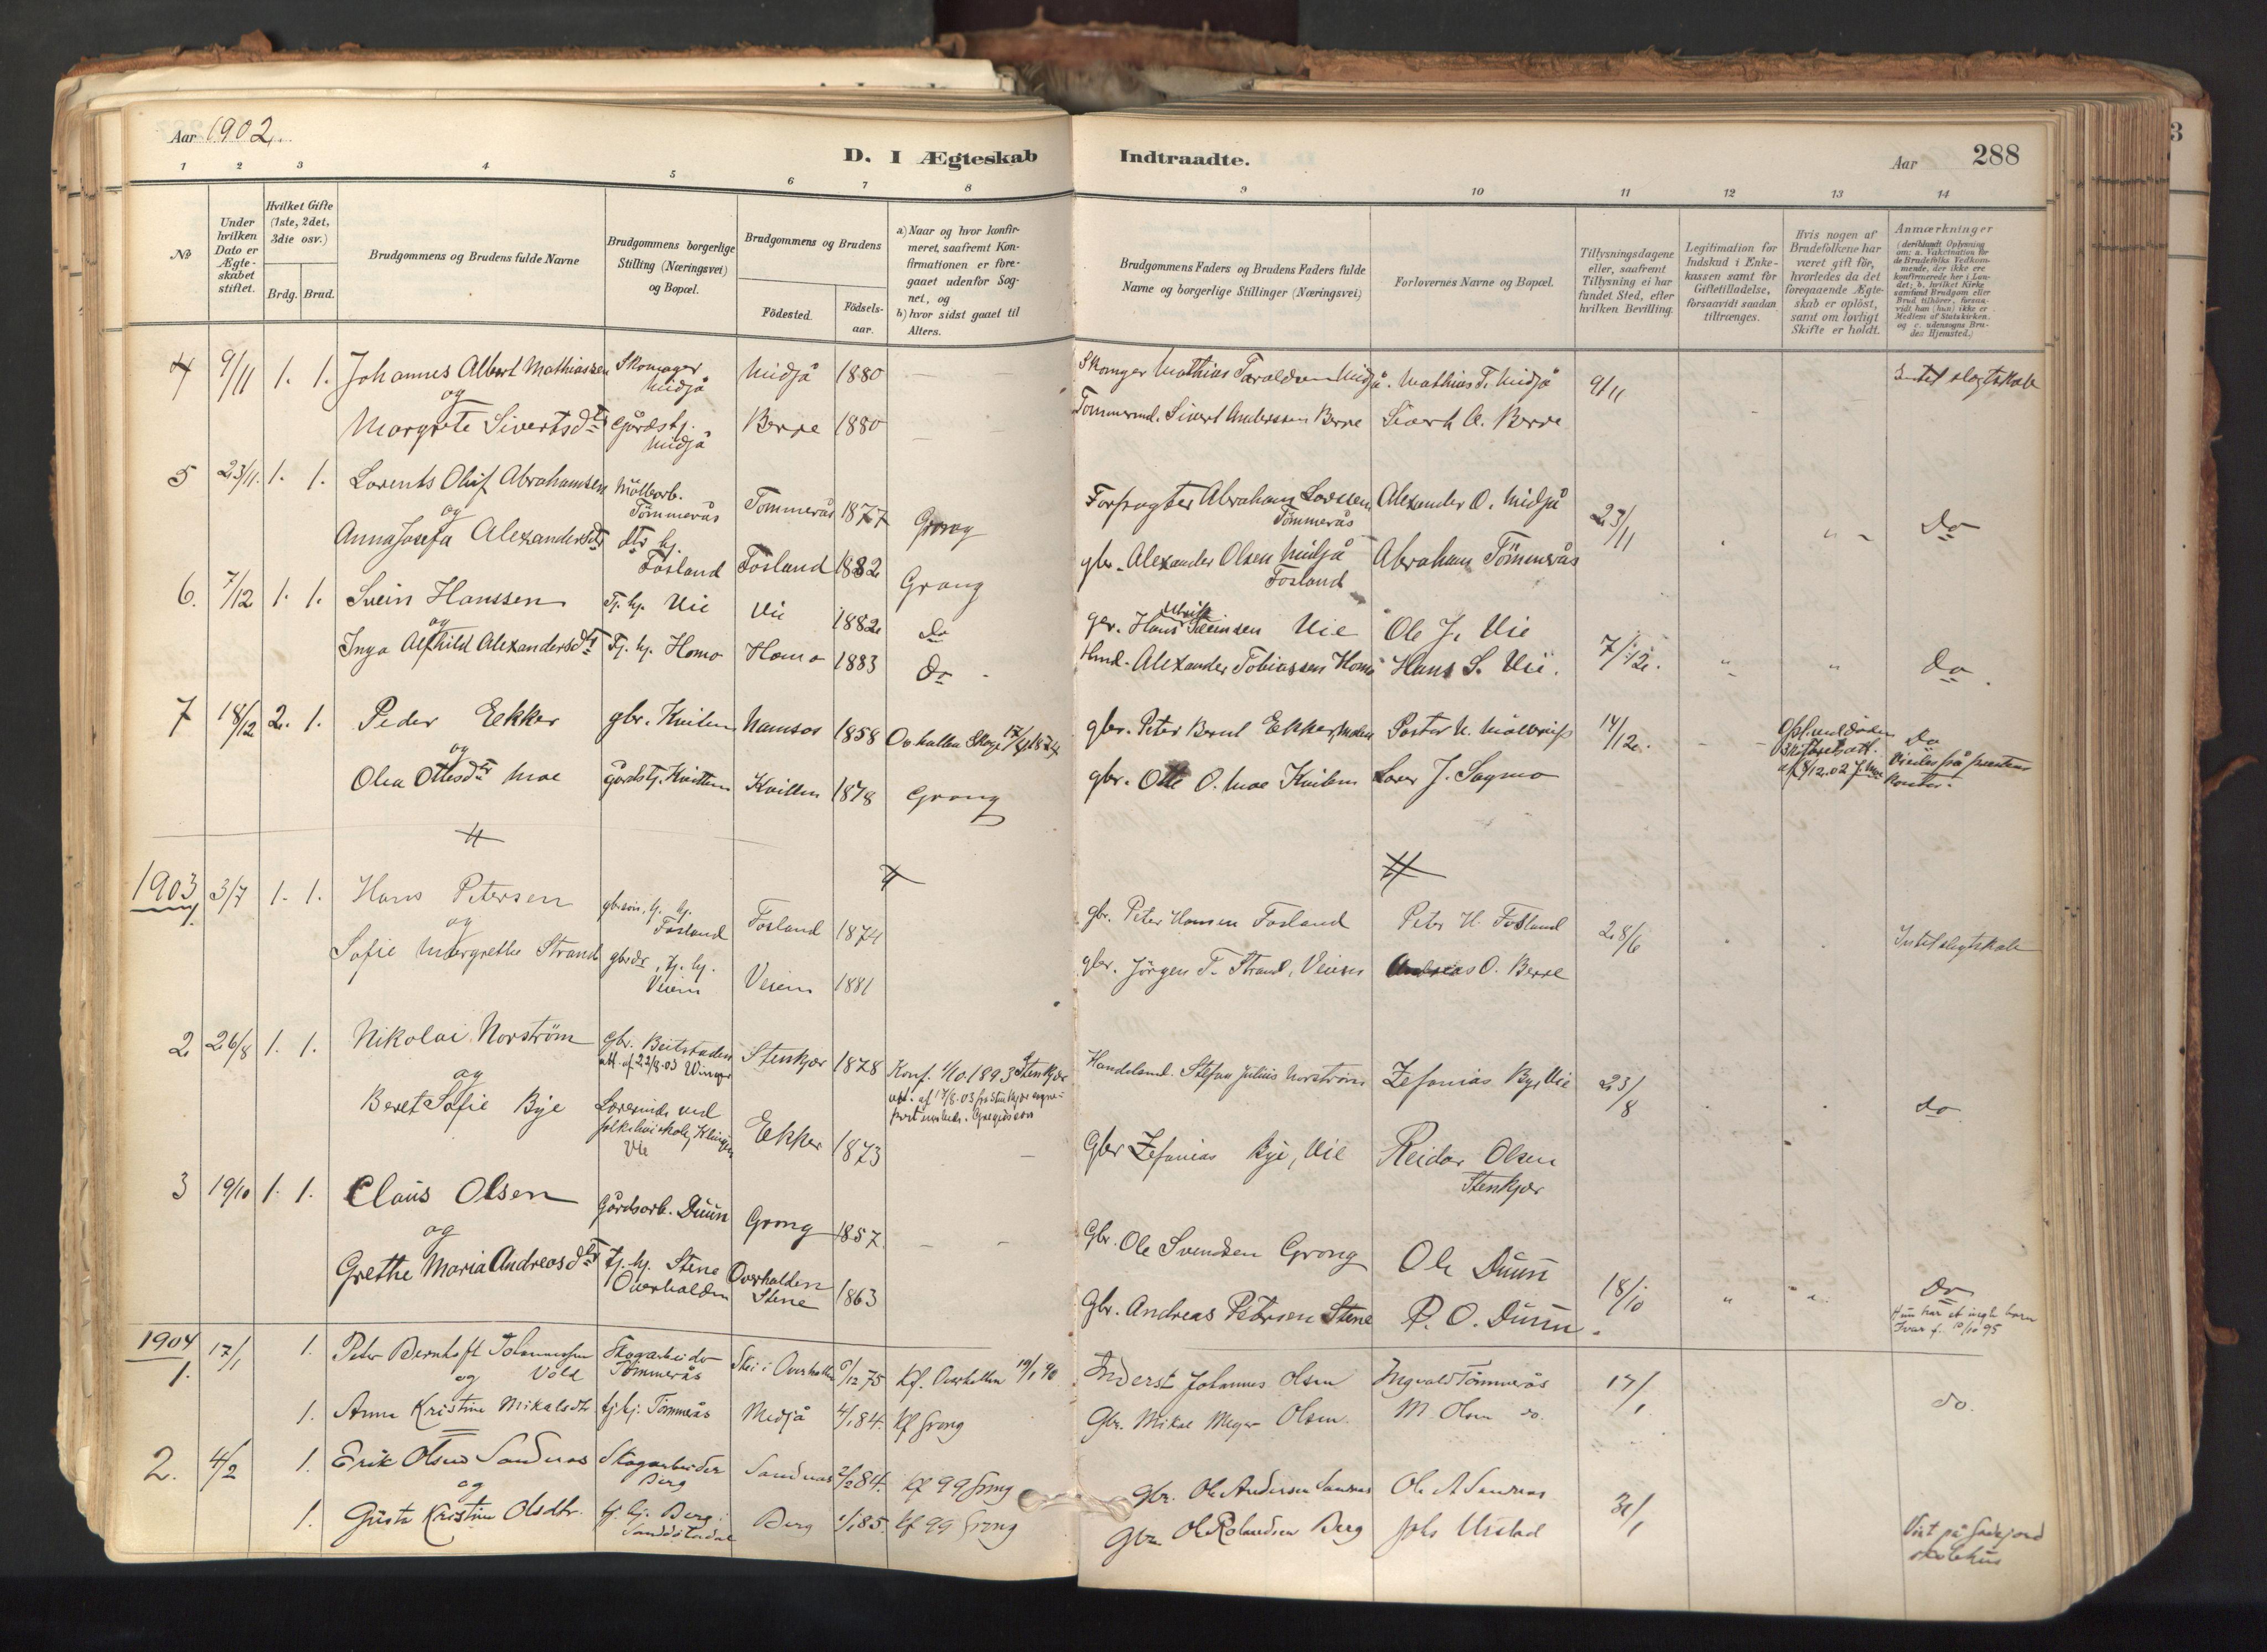 SAT, Ministerialprotokoller, klokkerbøker og fødselsregistre - Nord-Trøndelag, 758/L0519: Ministerialbok nr. 758A04, 1880-1926, s. 288